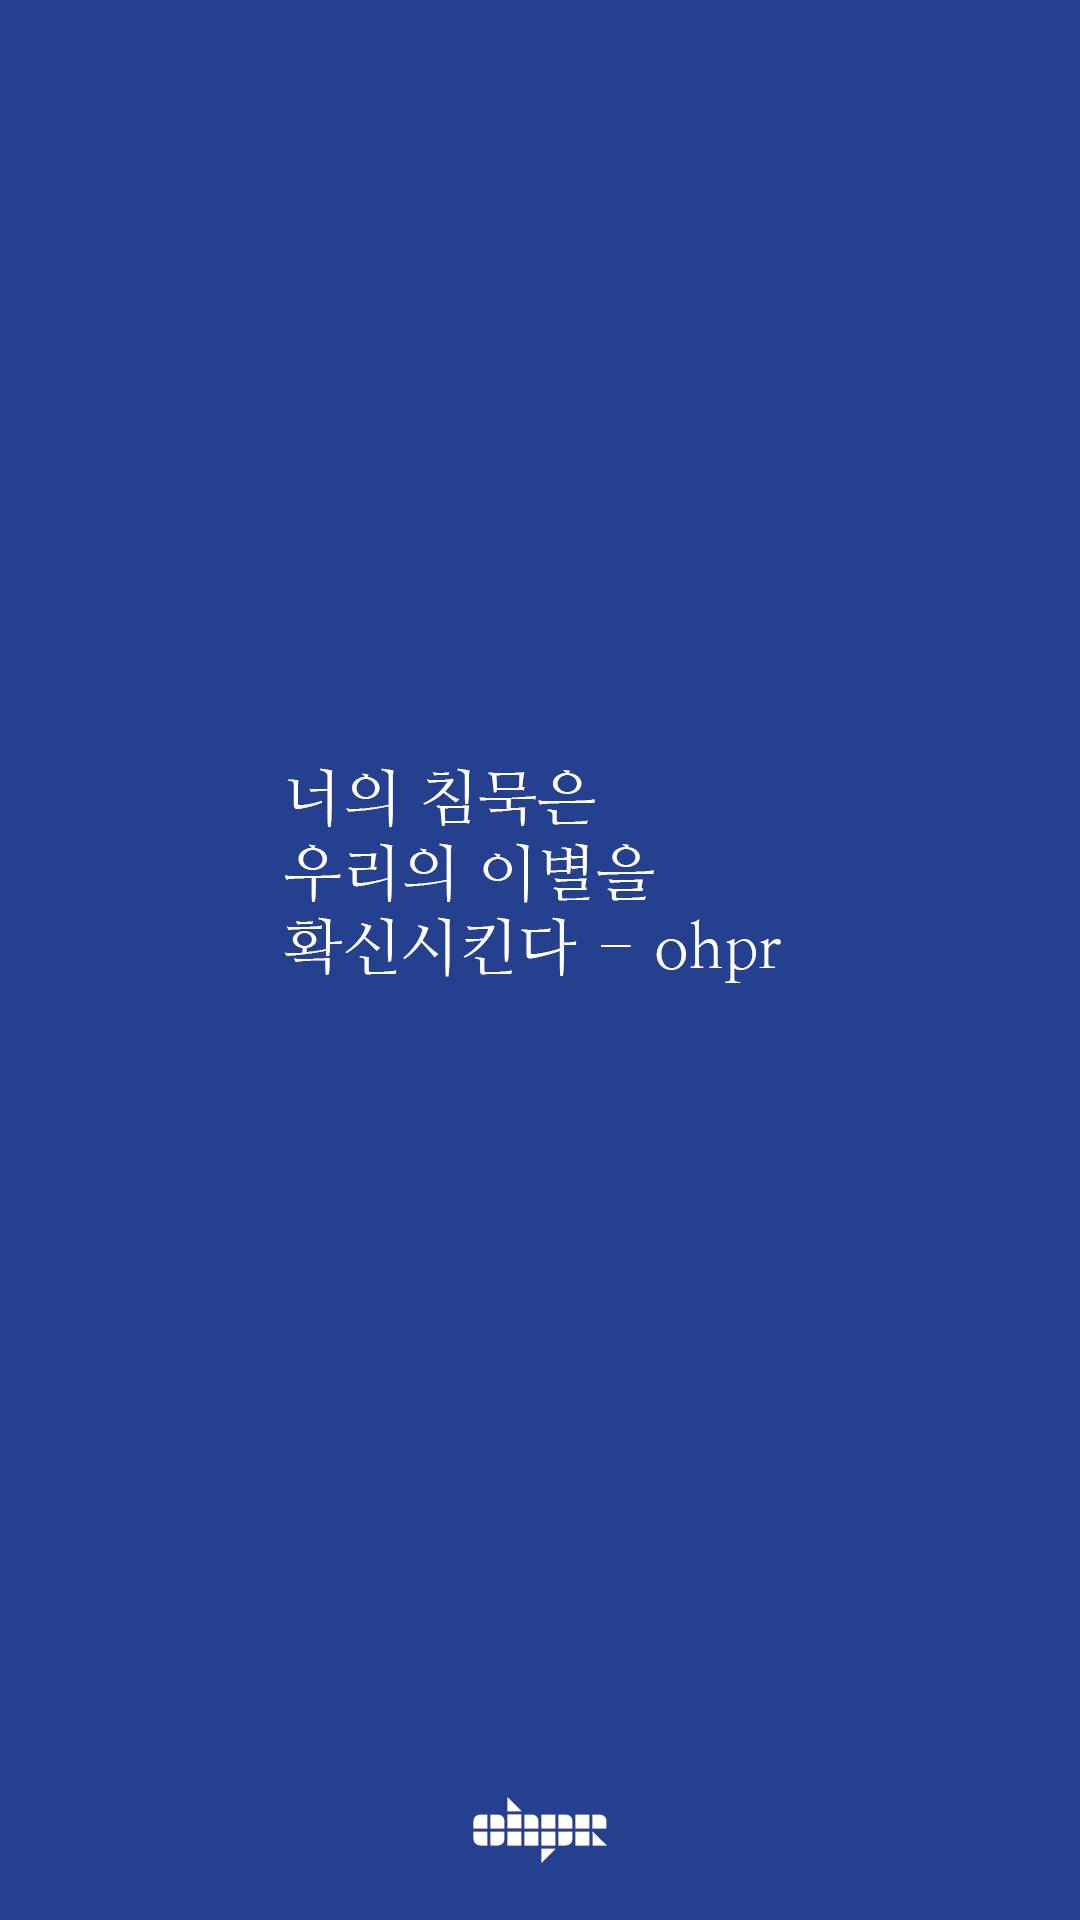 ohpr_wording38